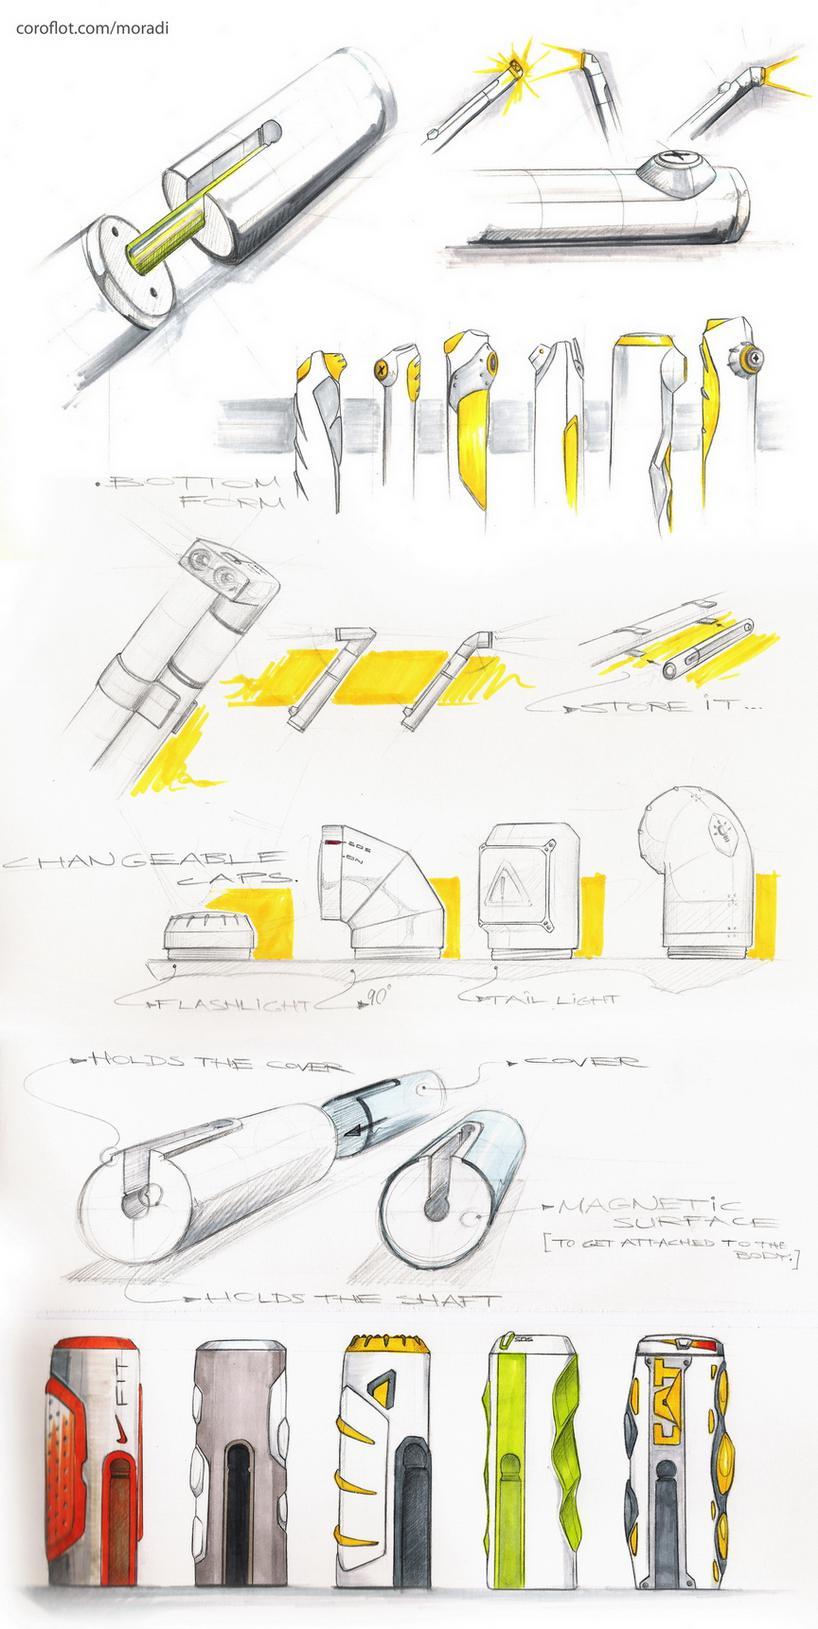 M moradi for Mappe produktdesign